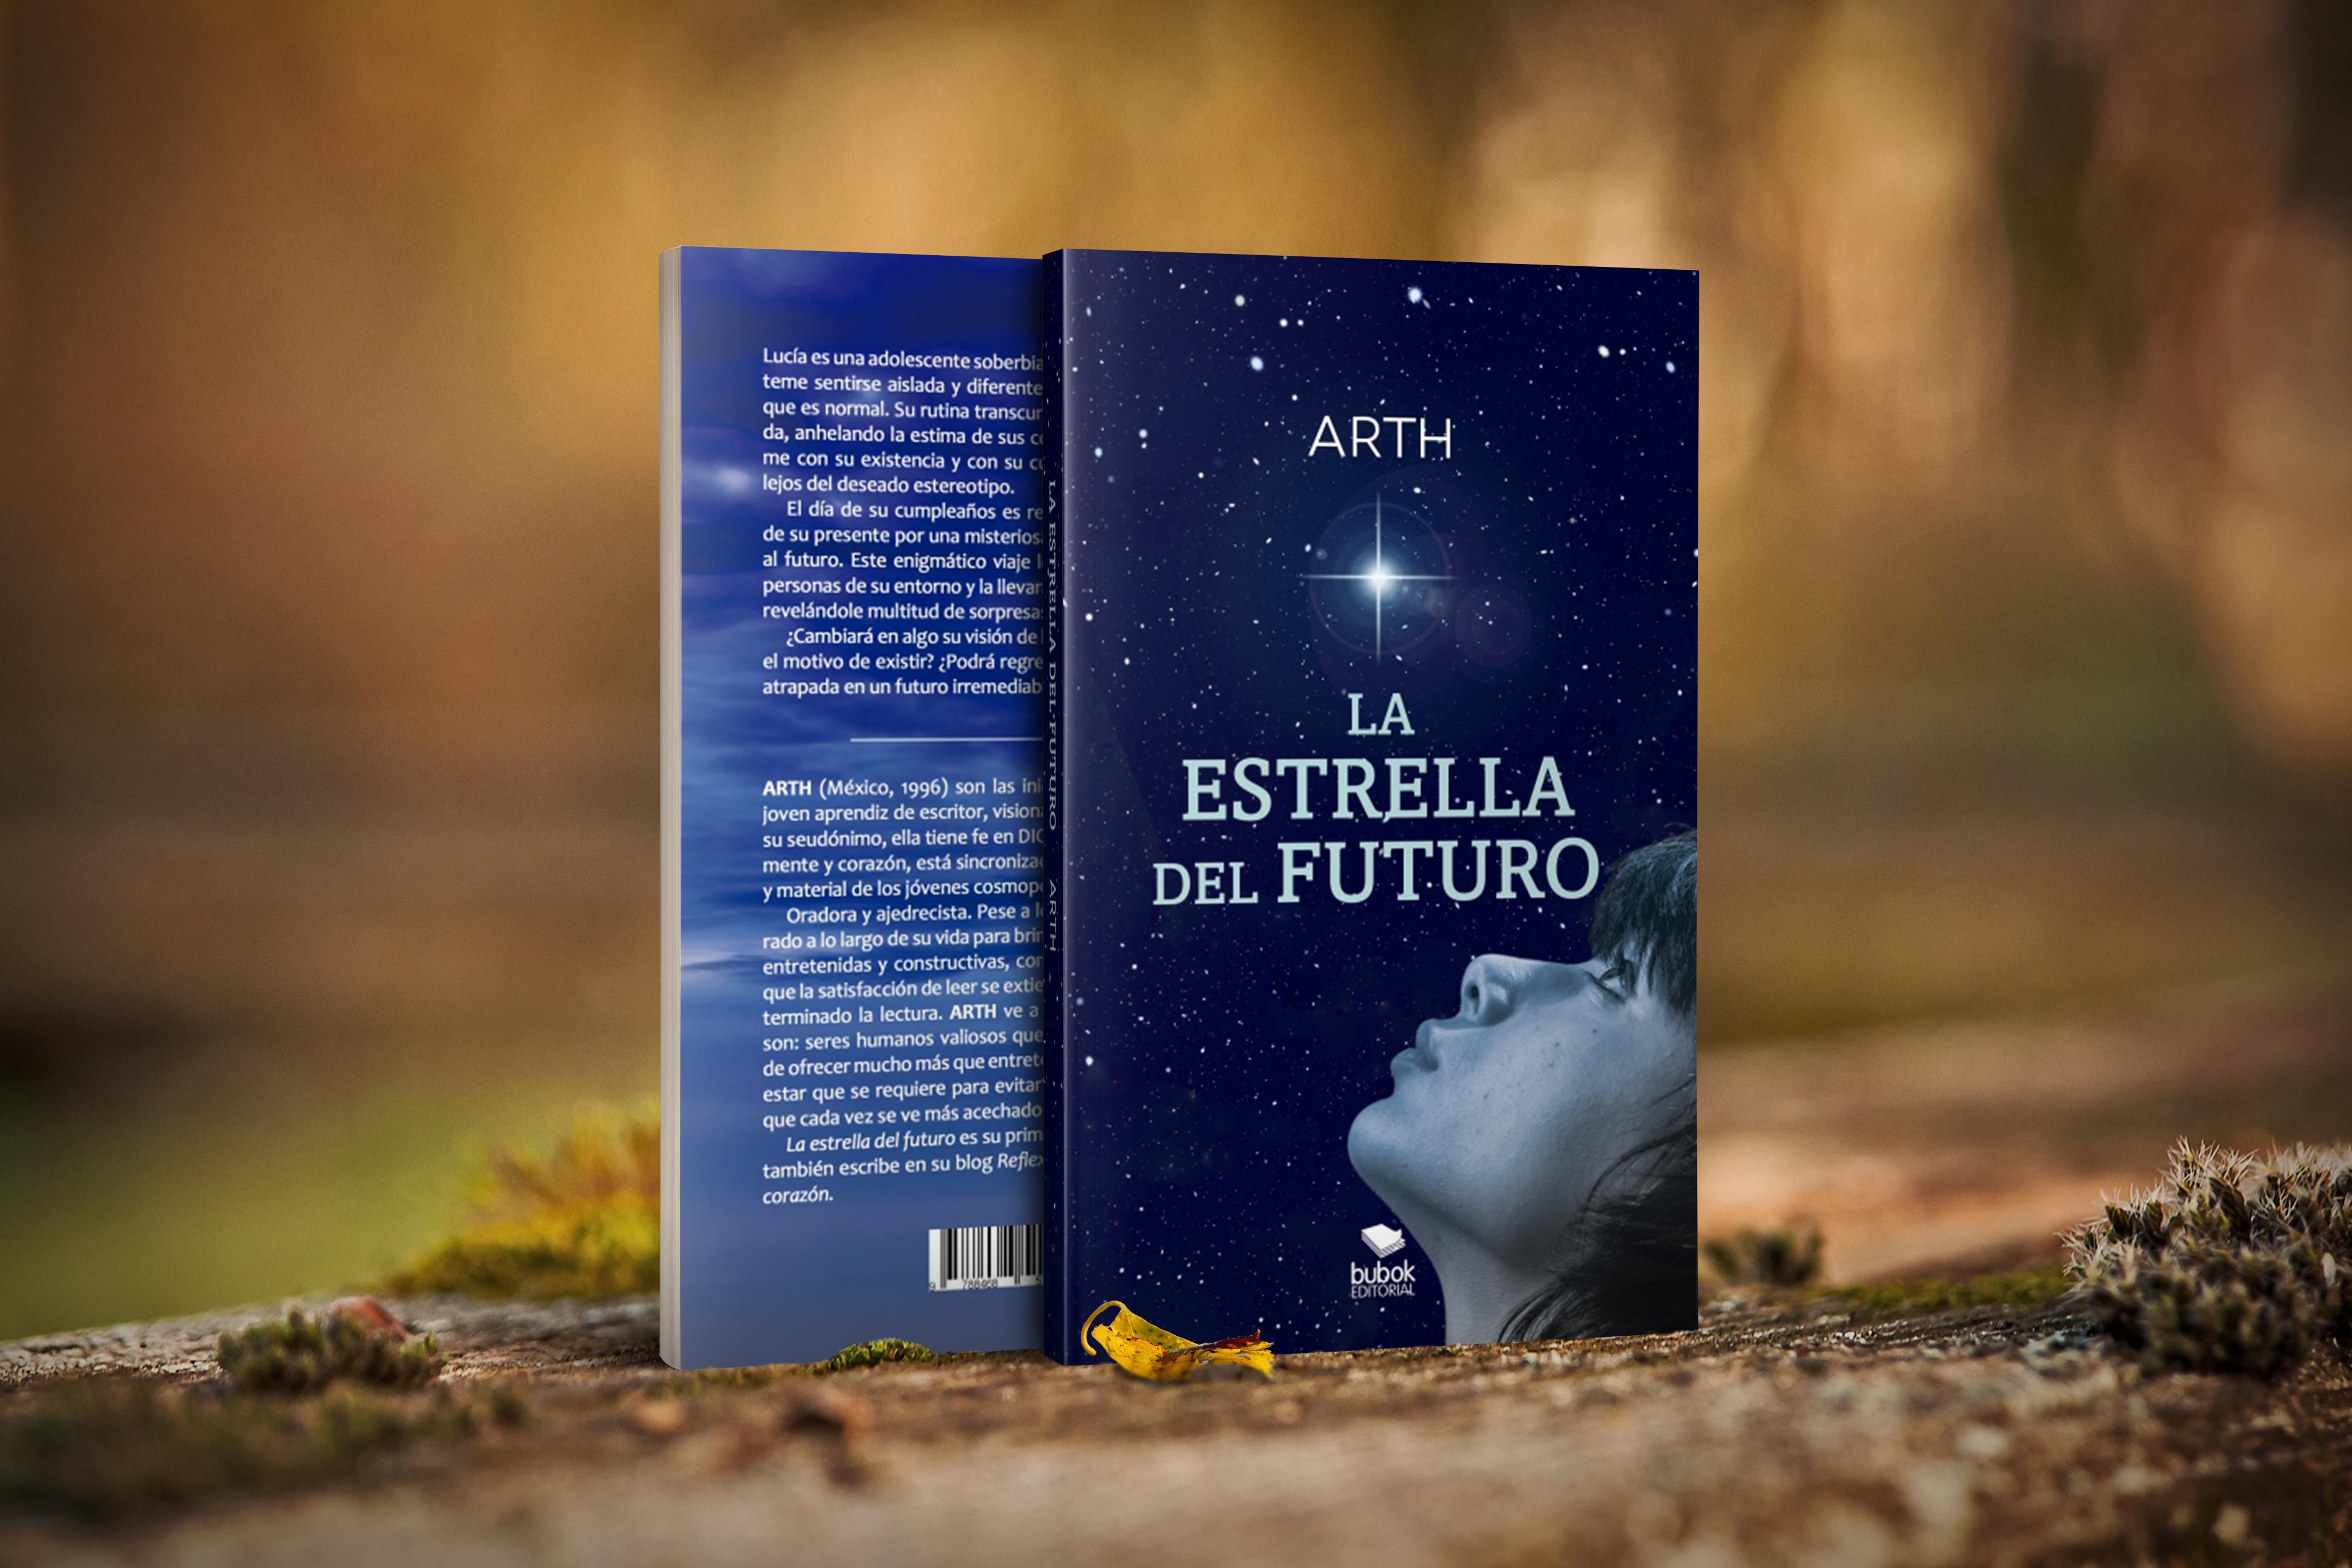 La Estrella del Futuro: Conversamos con su autora